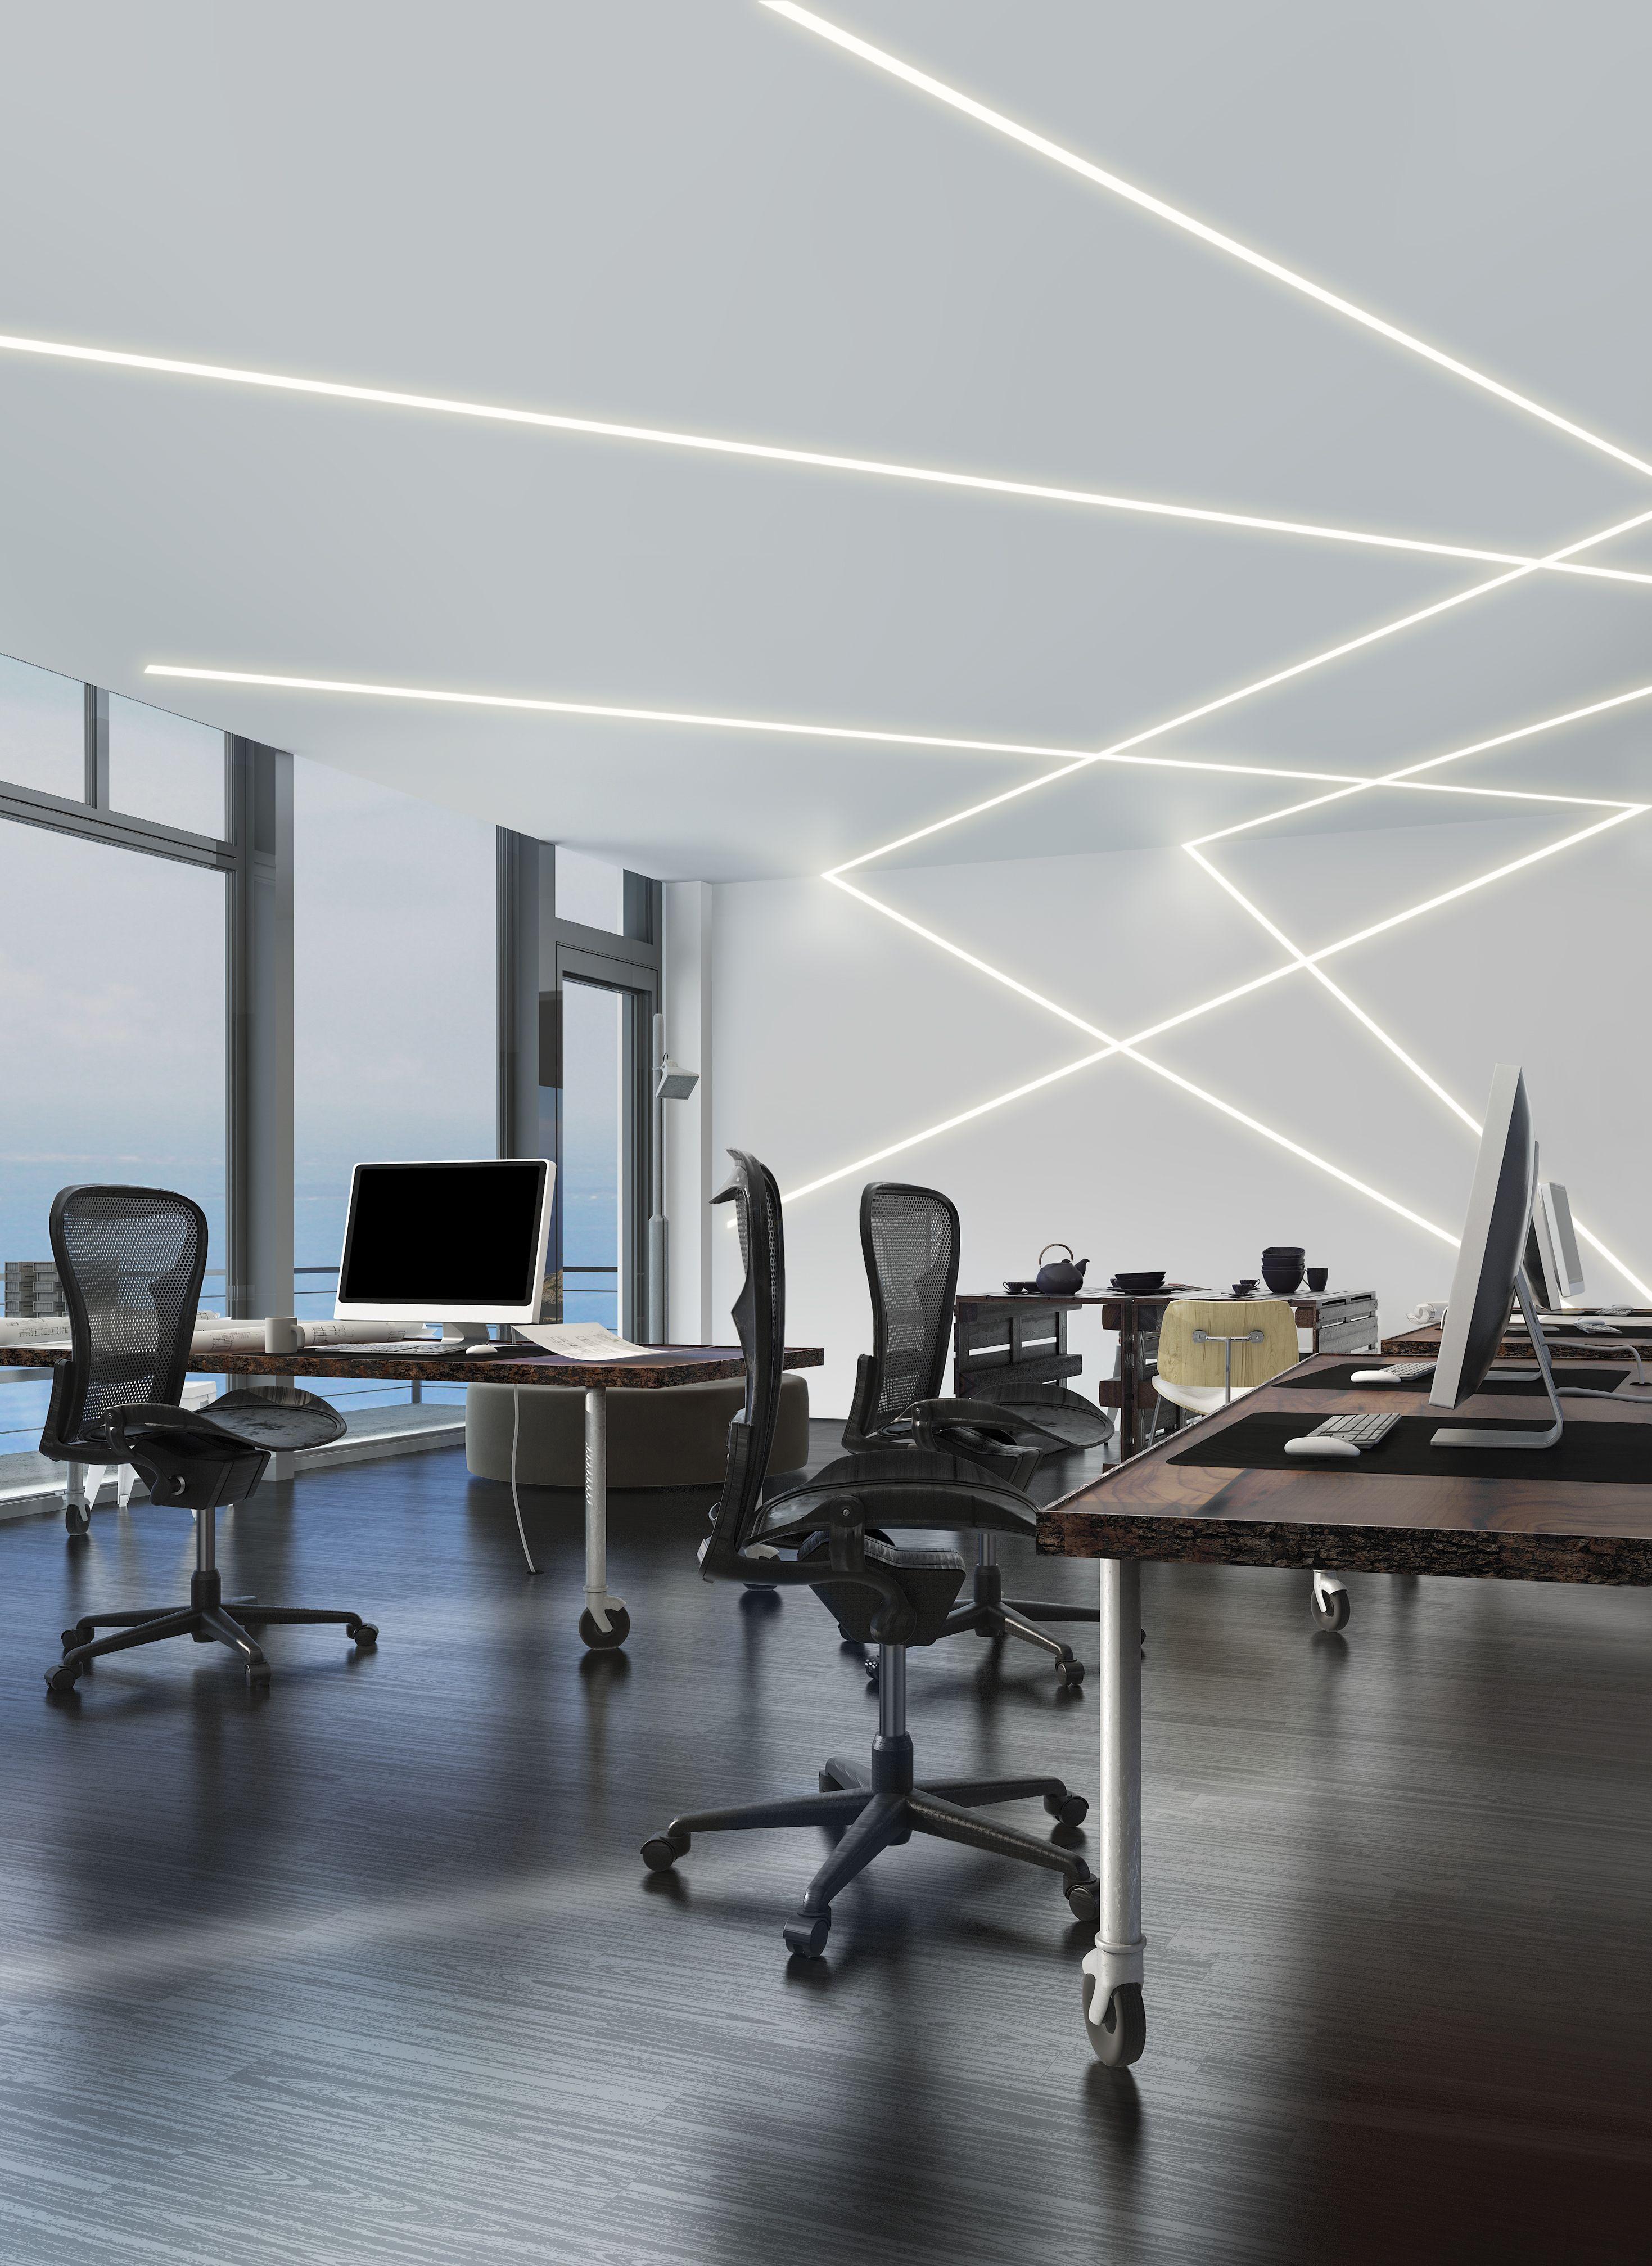 Led Lighting Ideas For Home Office